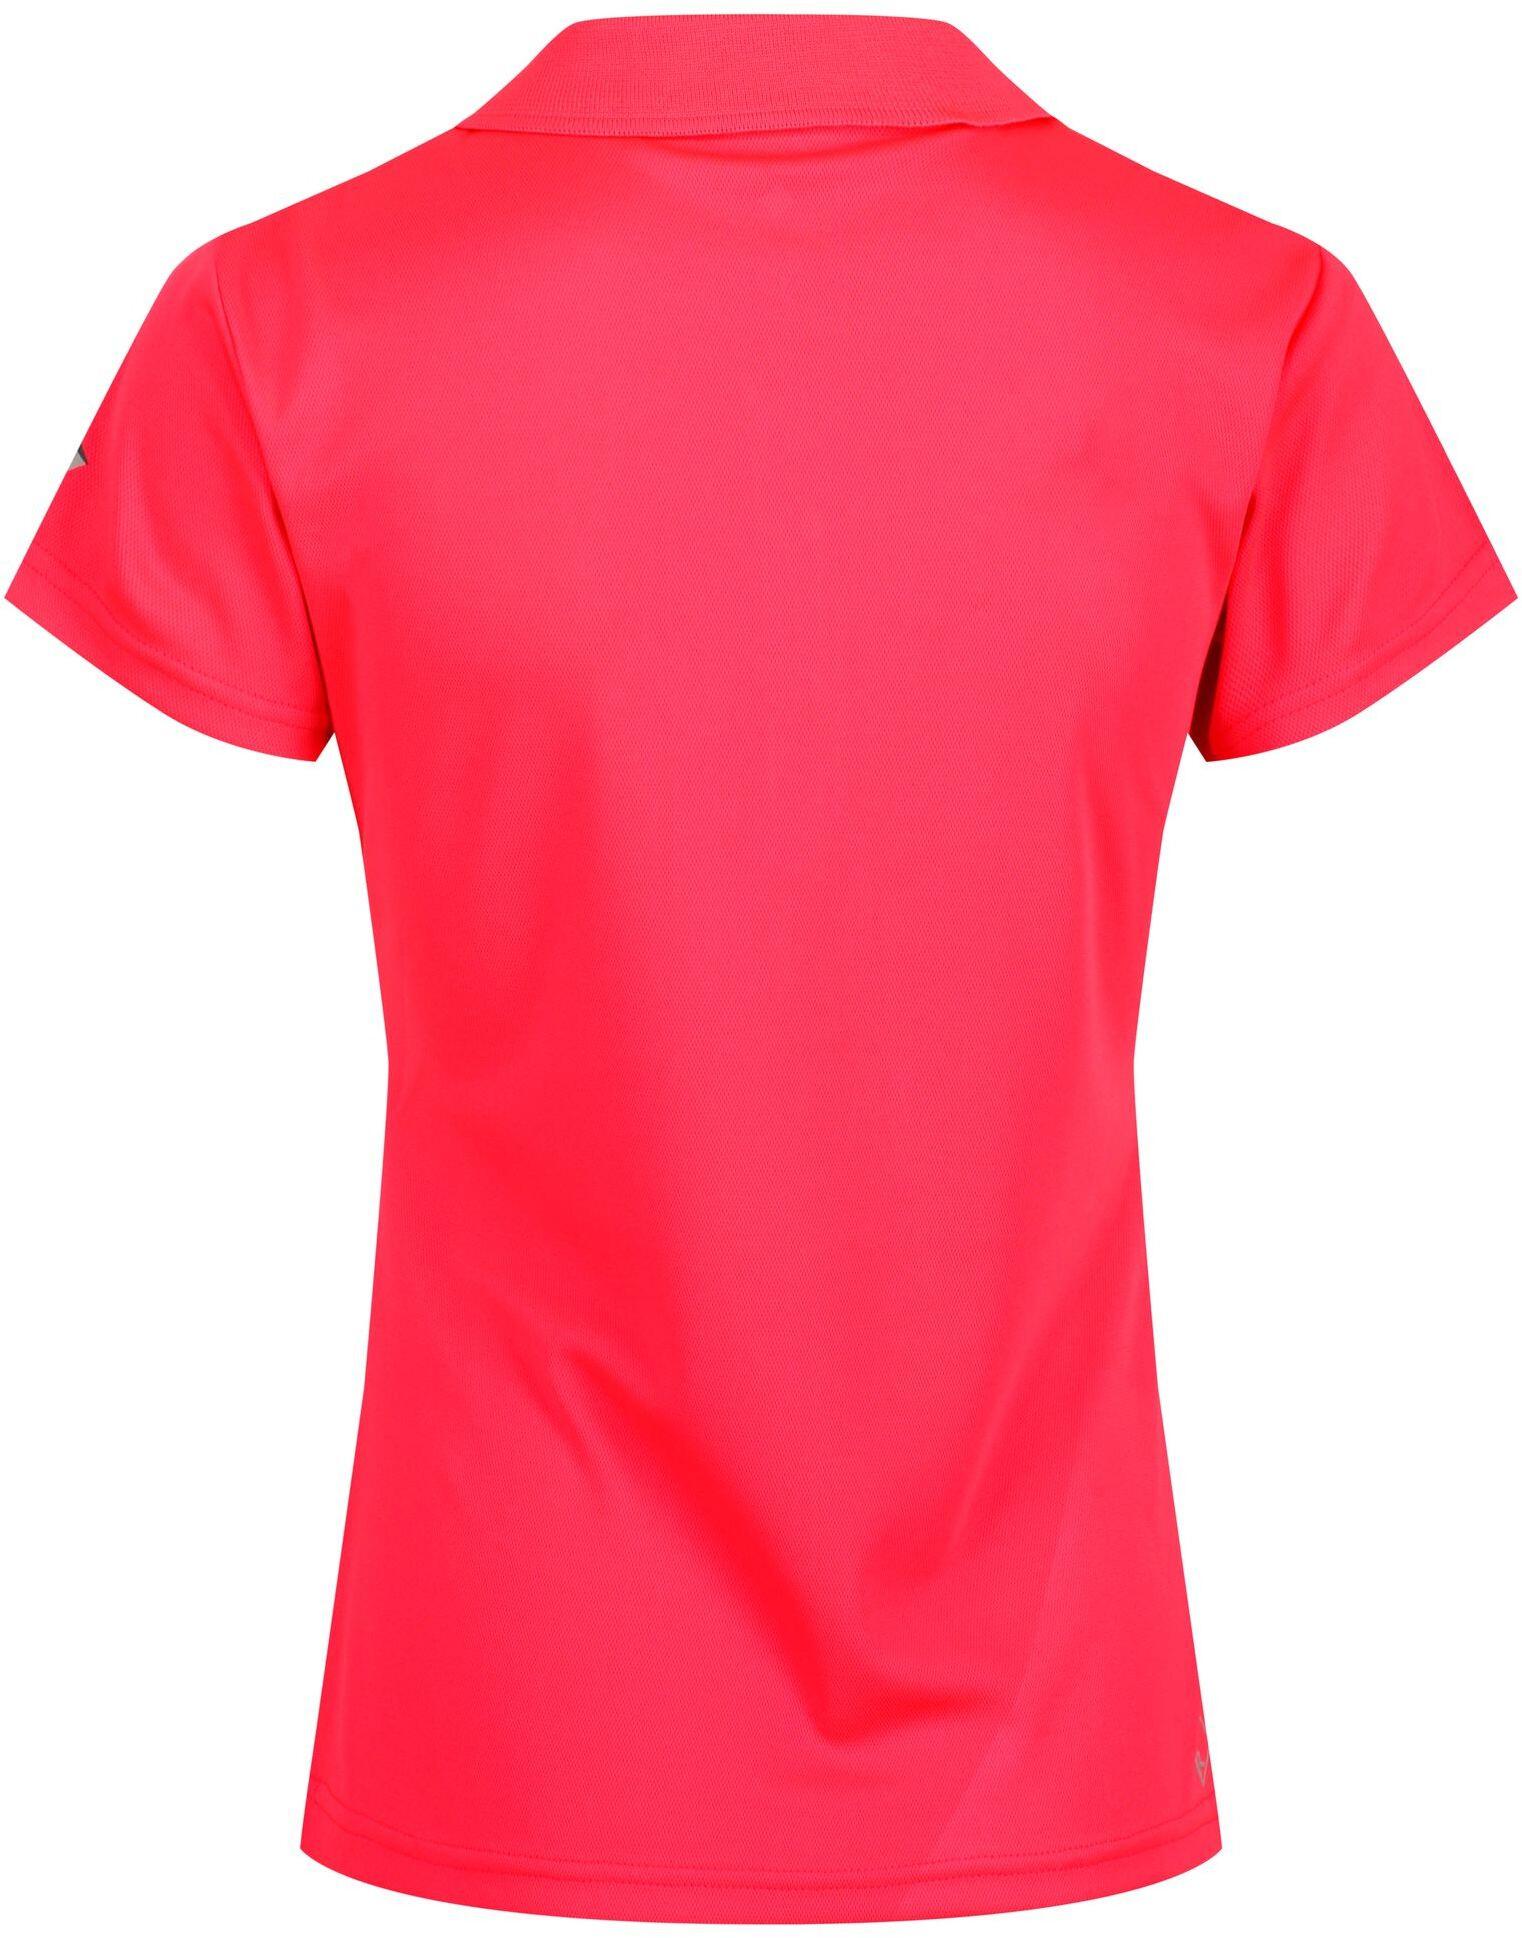 Regatta Maverick Iv Ss Shirt Women Neon Pink Campz At